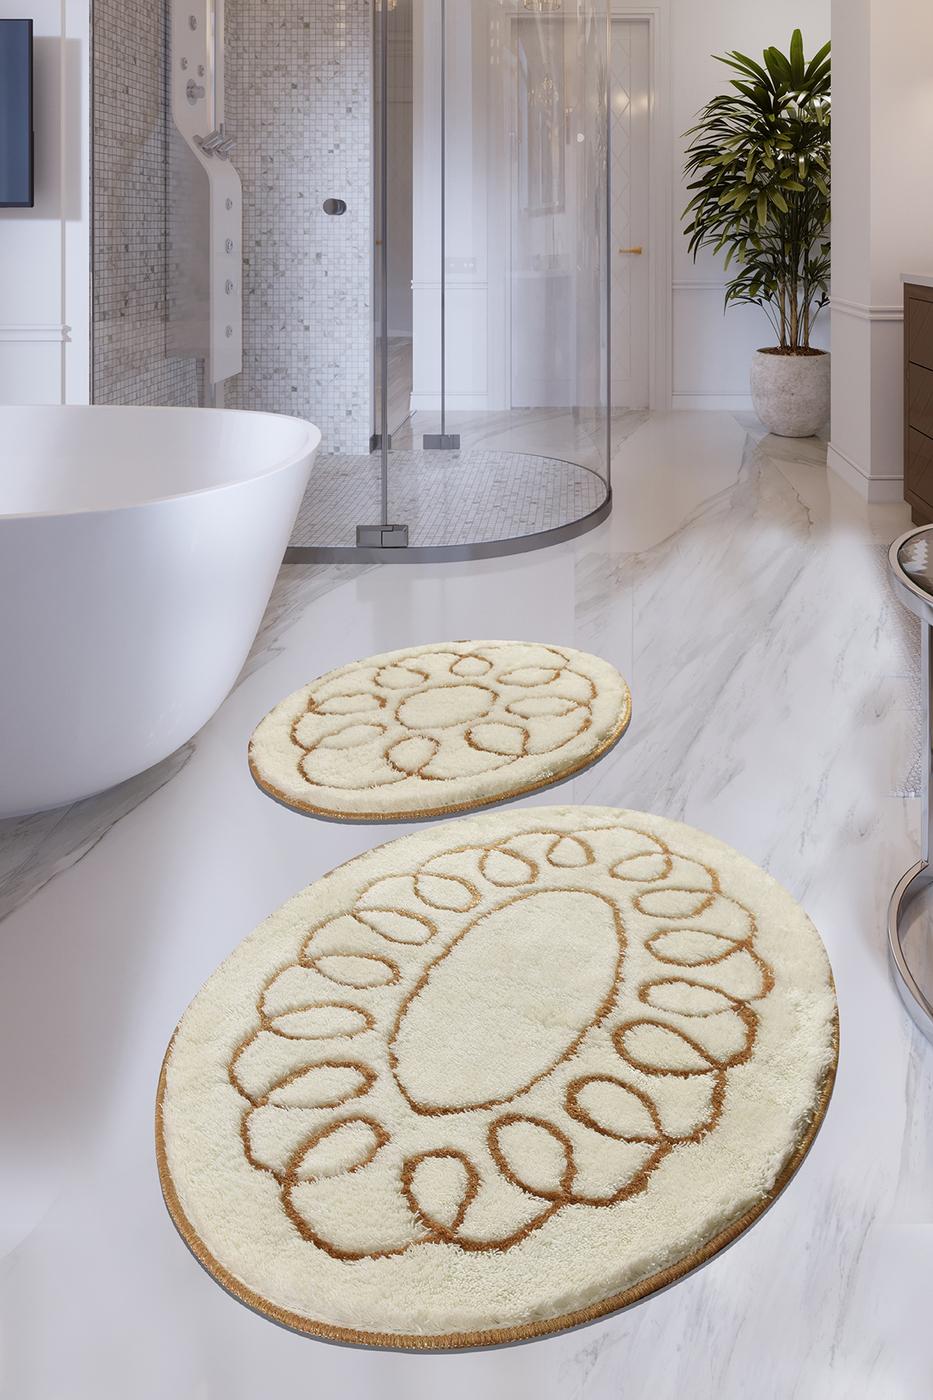 Набор противоскользящих ковриков для ванной Buffer, Safir Ekru 2'Li Set 60x100 см - 50x60 см